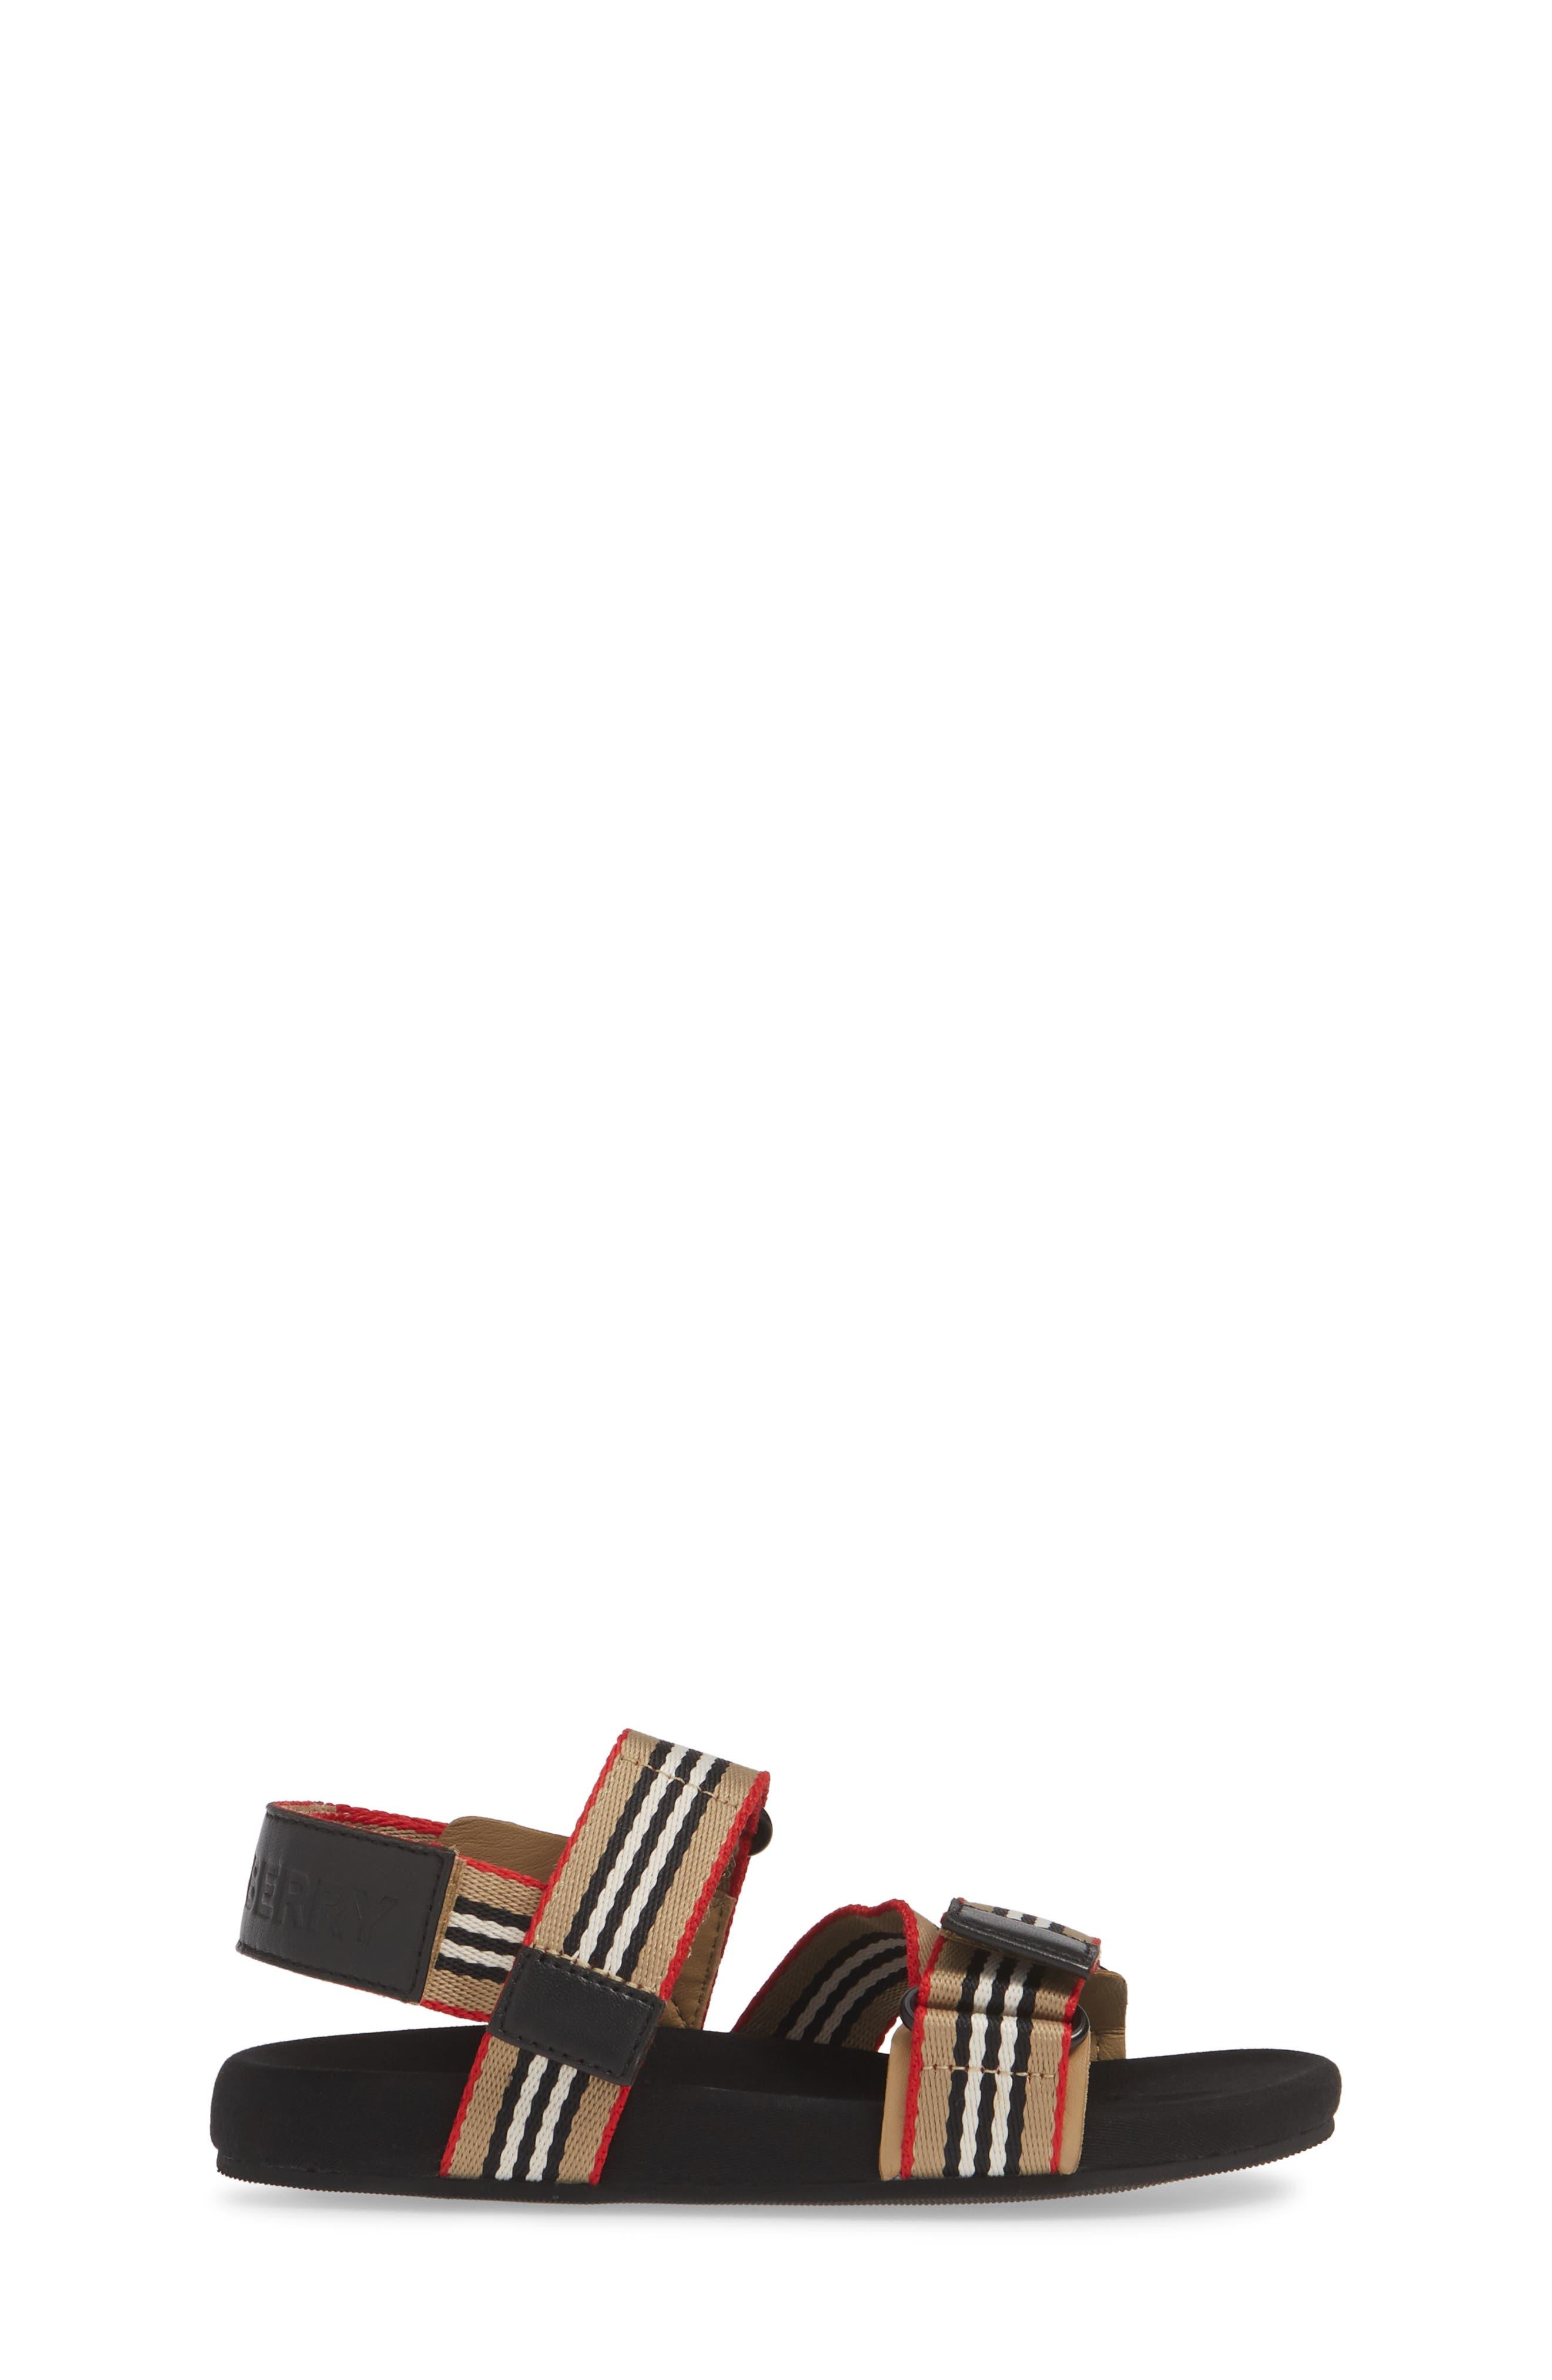 BURBERRY,                             Redmire Sandal,                             Alternate thumbnail 3, color,                             ARCH BEIGE/BLACK